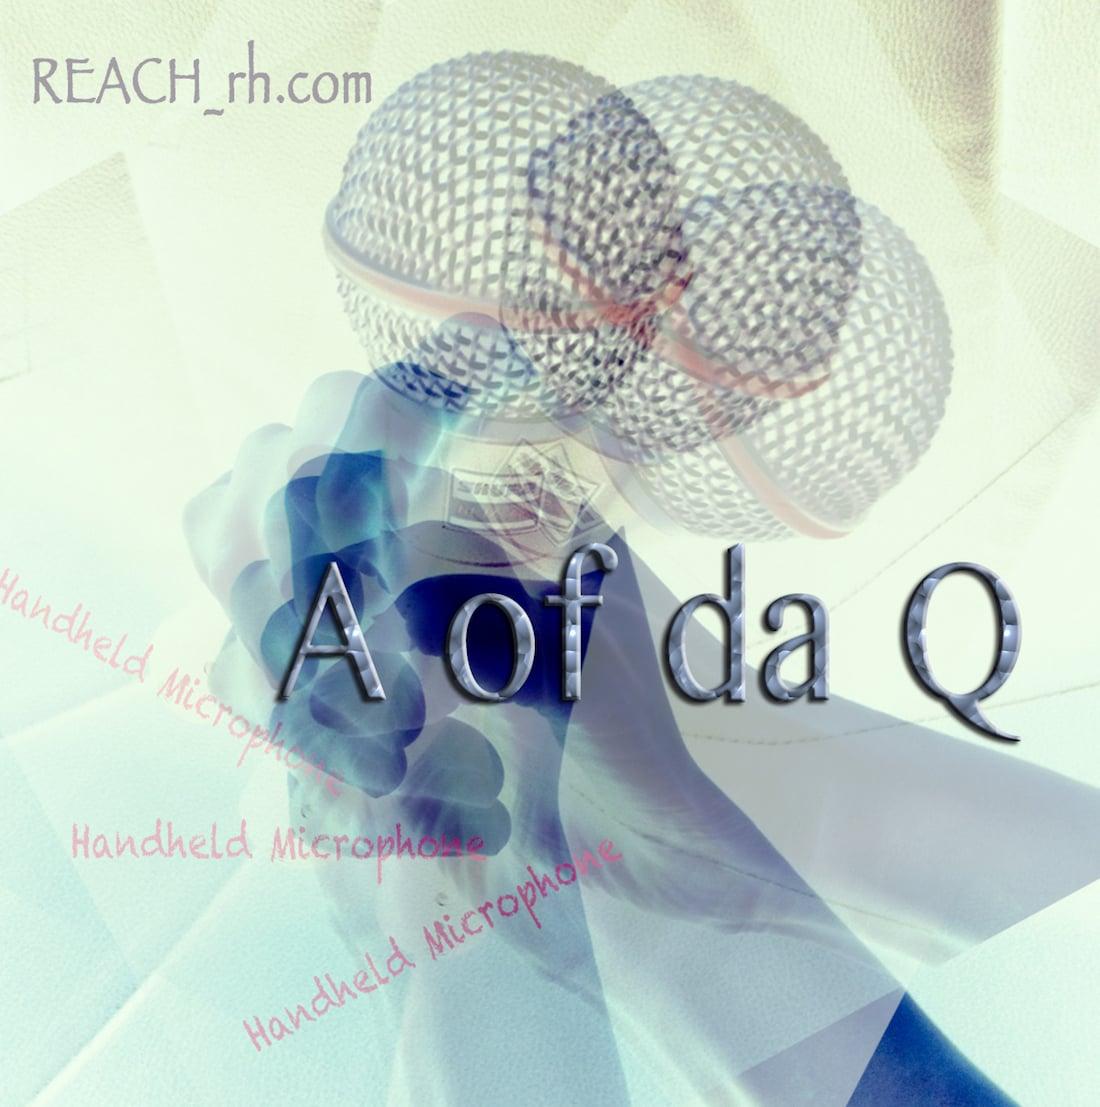 A of da Q